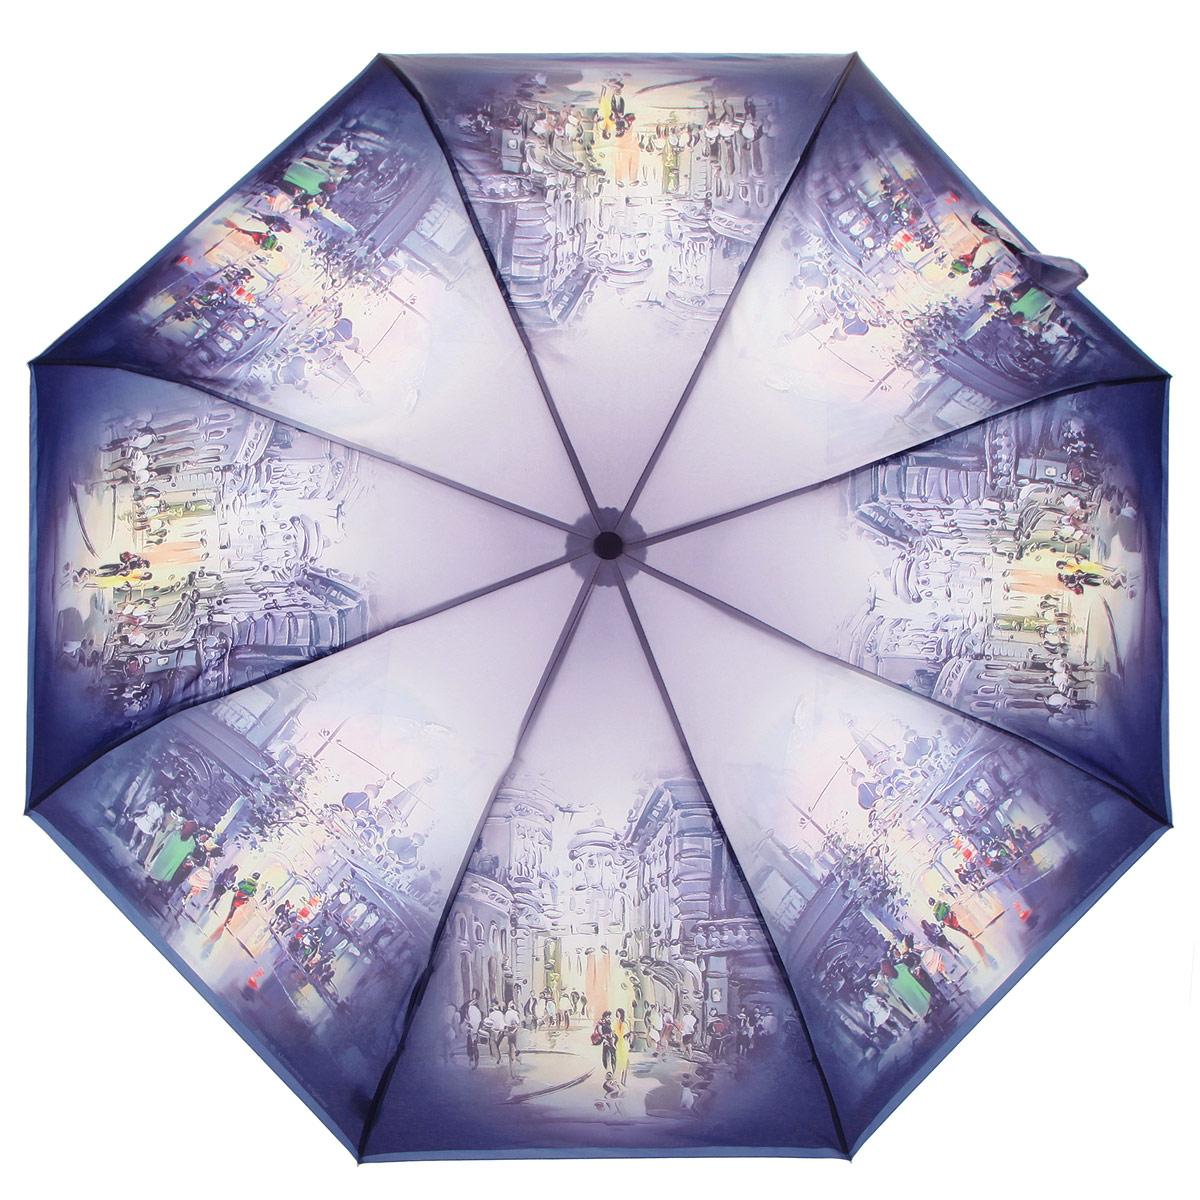 Зонт женский Zest, цвет: фиолетовый, мультицвет. 239555-2545100738/18076/4D00NСтильный женский зонт ZEST выполнен из металла, пластика и оформлен ярким принтом.Каркас зонта выполнен из восьми спиц, стержень из стали. На концах спиц предусмотрены металлические элементы, которые защитят владельца от травм. Купол зонта изготовлен прочного полиэстера. Закрытый купол застегивается на липучку хлястиком. Практичная рукоятка закругленной формы разработана с учетом требований эргономики и выполнена из пластика.Зонт оснащен полуавтоматическим механизмом и чехлом.Такой зонт не только надежно защитит от дождя, но и станет стильным аксессуаром.